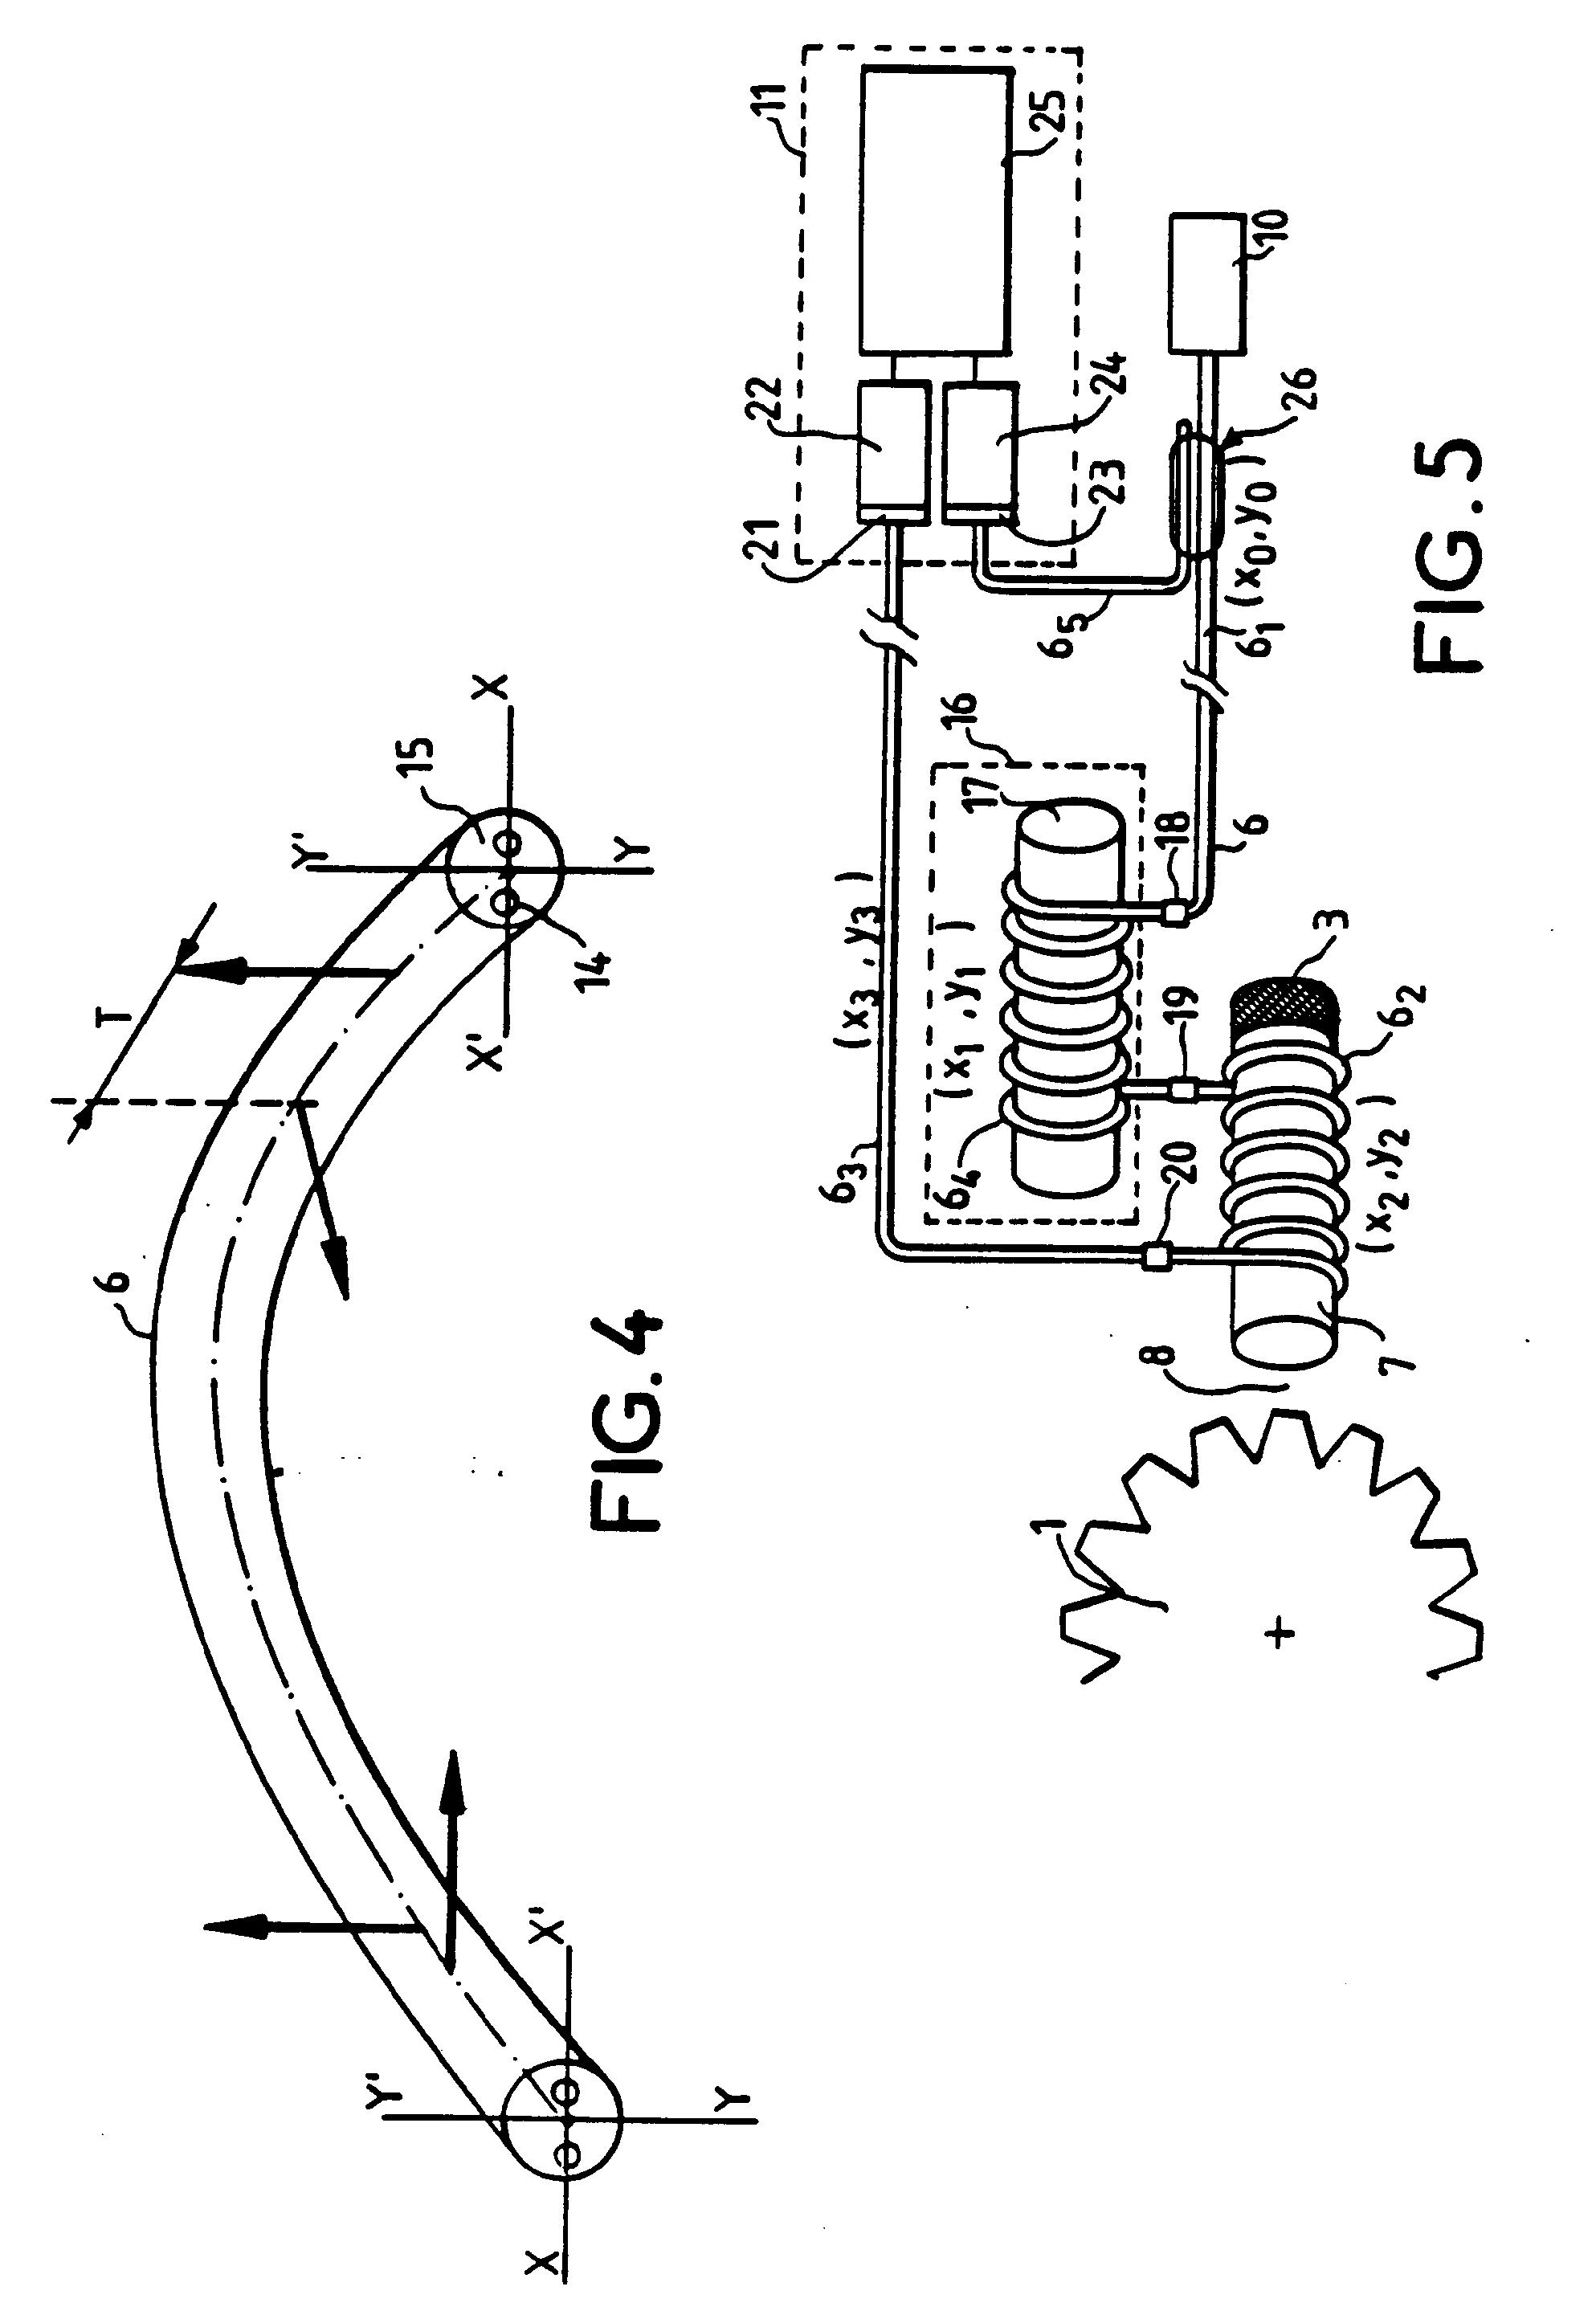 patent ep0489651b1 capteur tachym trique intrins que fibre optique google patents. Black Bedroom Furniture Sets. Home Design Ideas